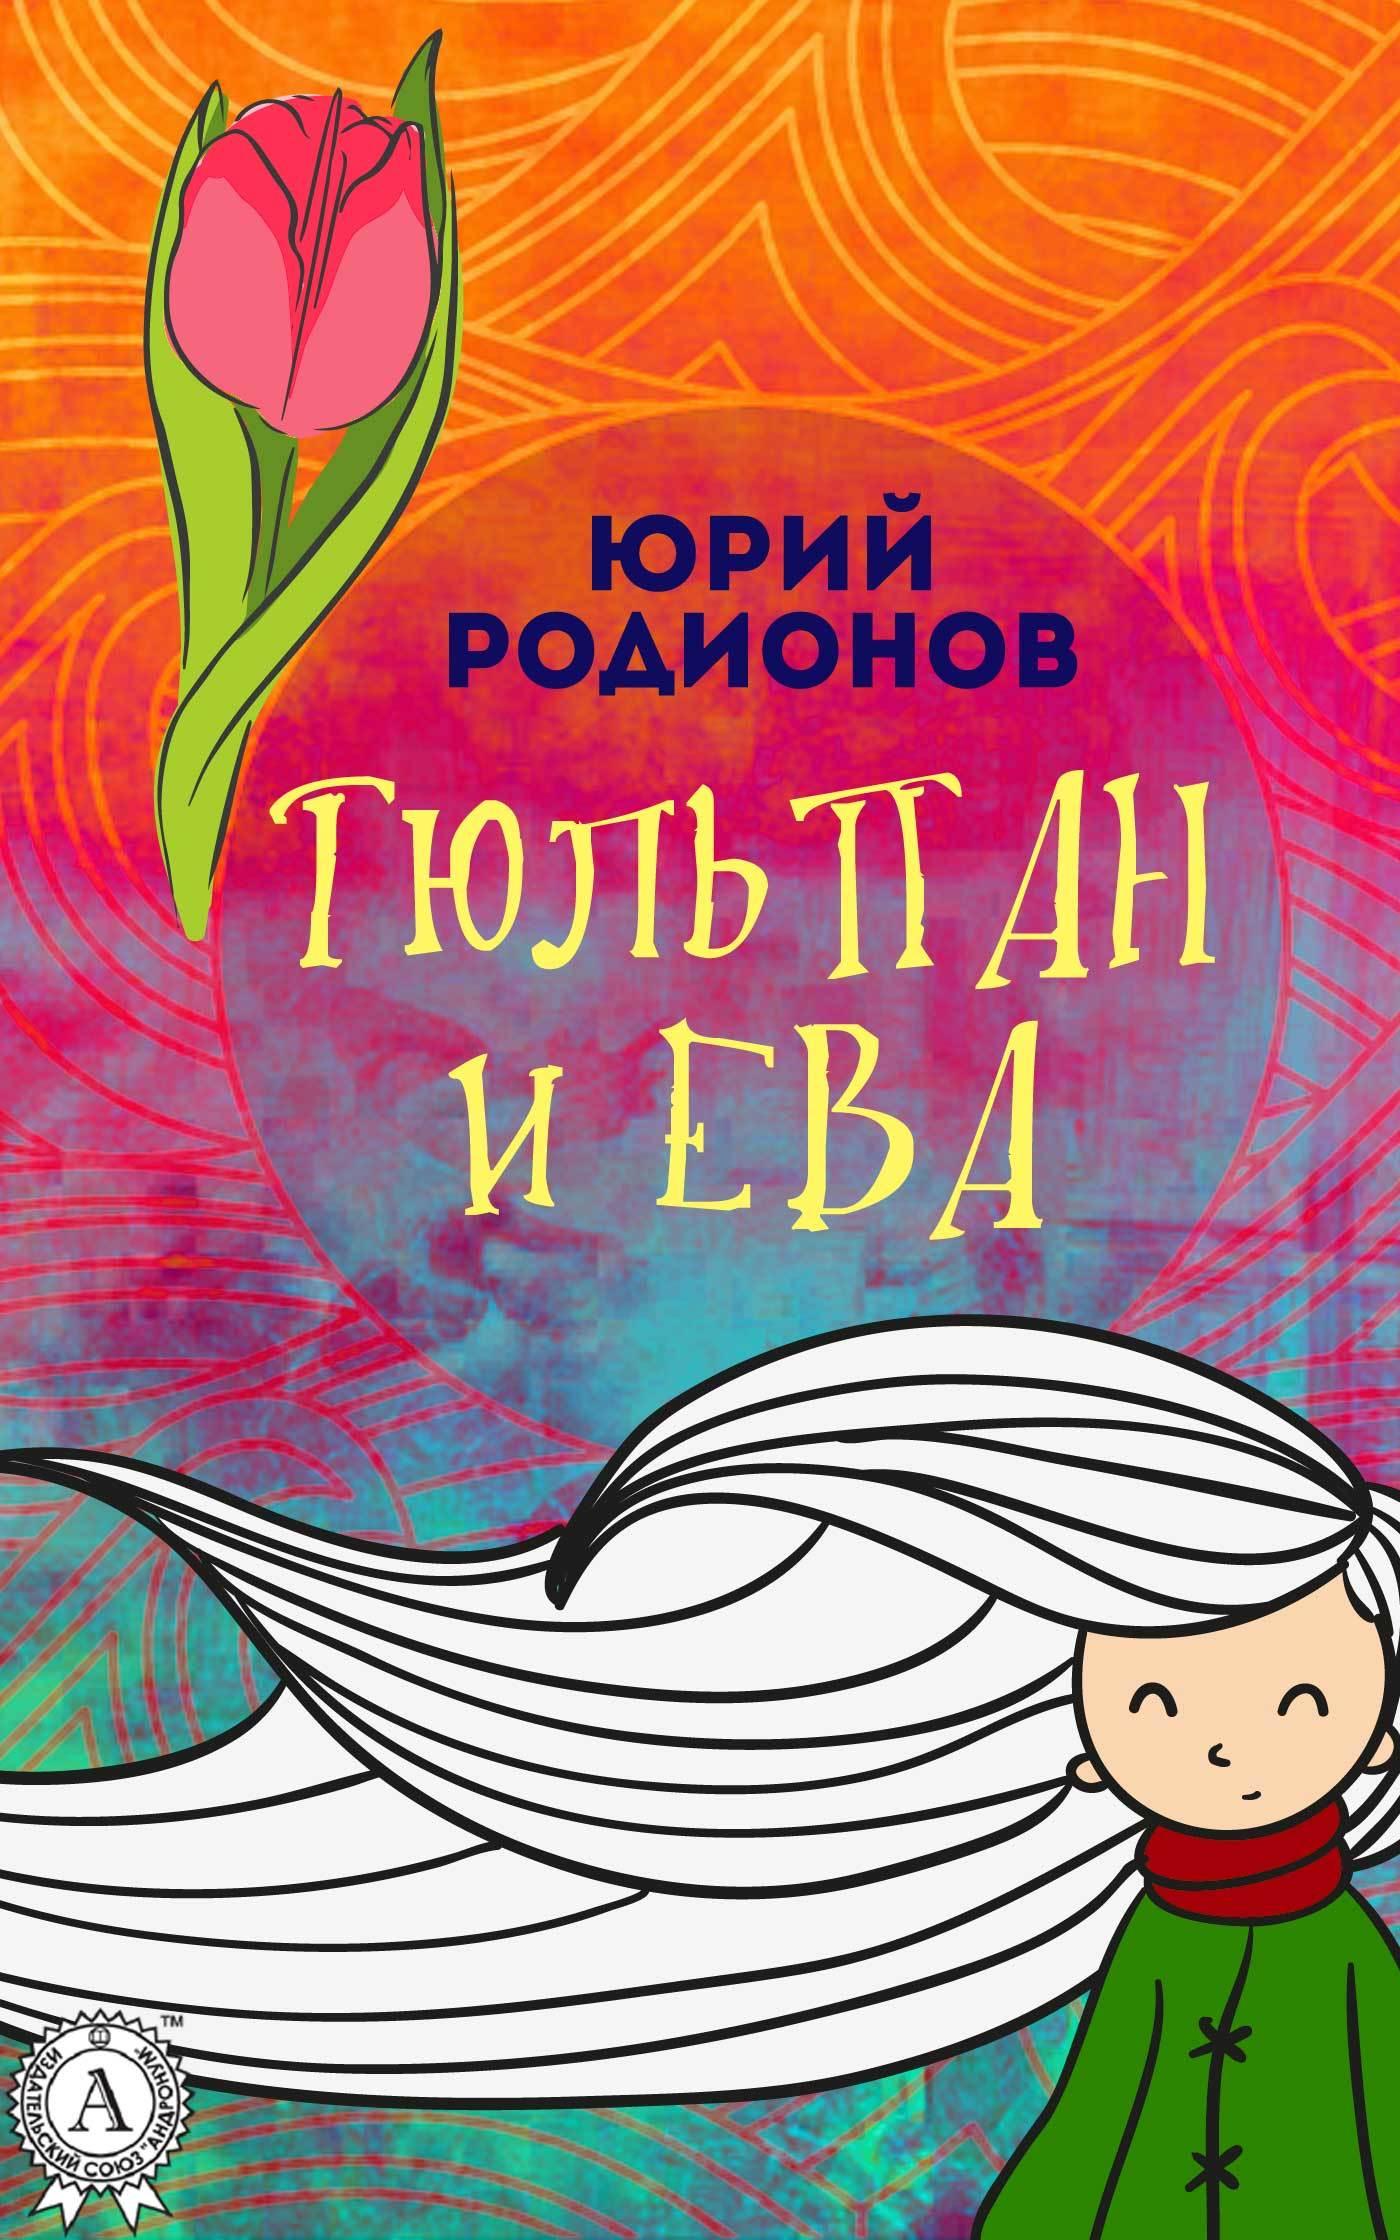 Юрий Родионов Тюльпан и Ева куплю в городе астана на левом берегу жилую квартиру